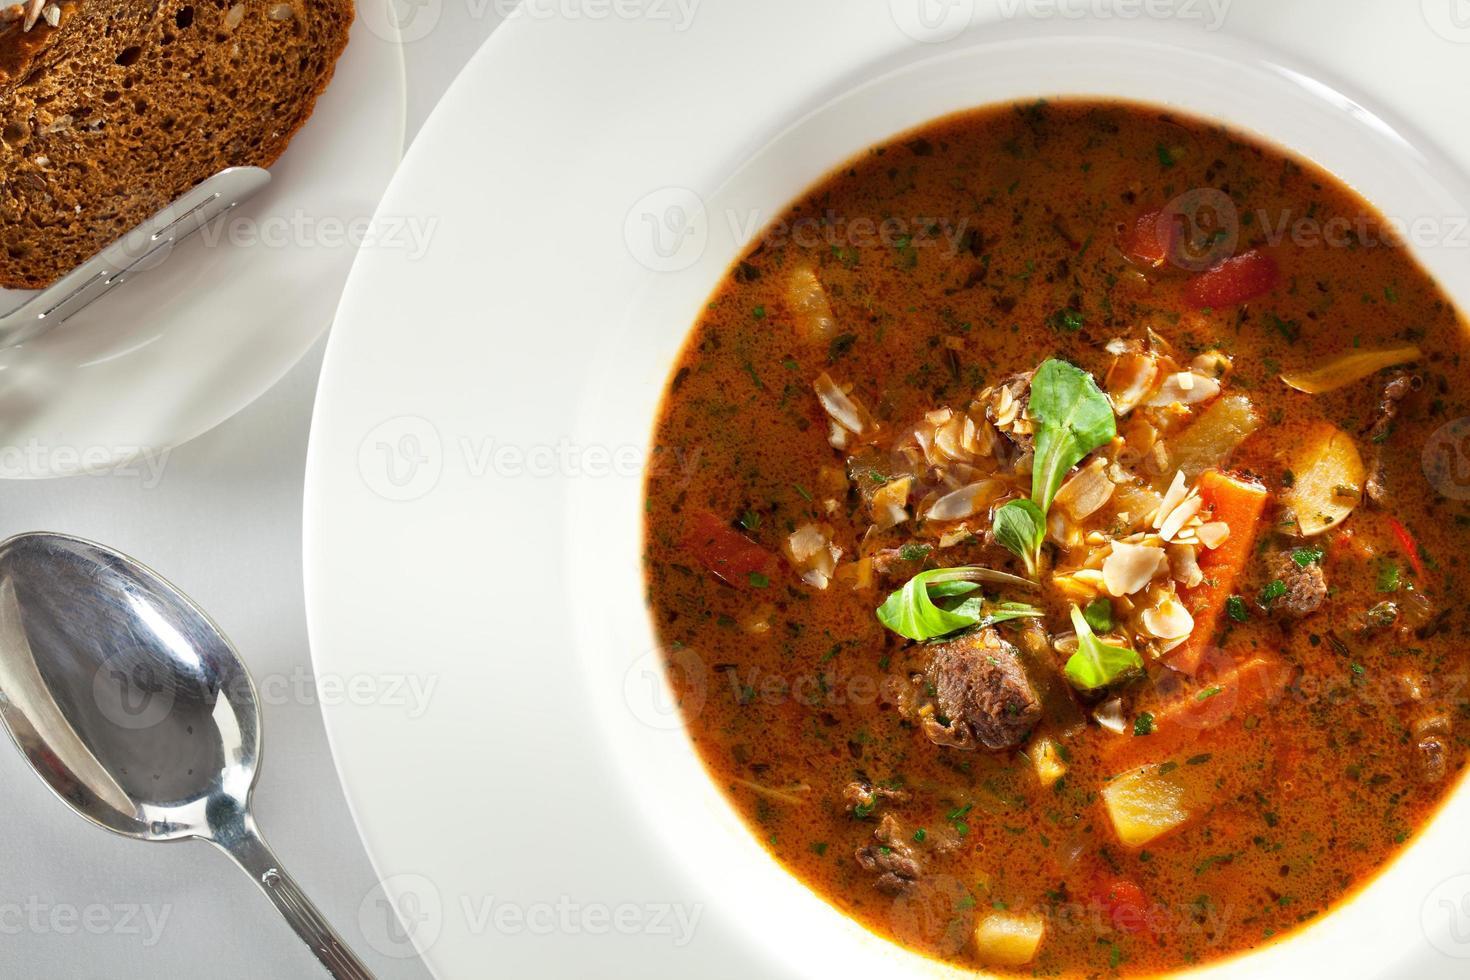 soep goulash foto